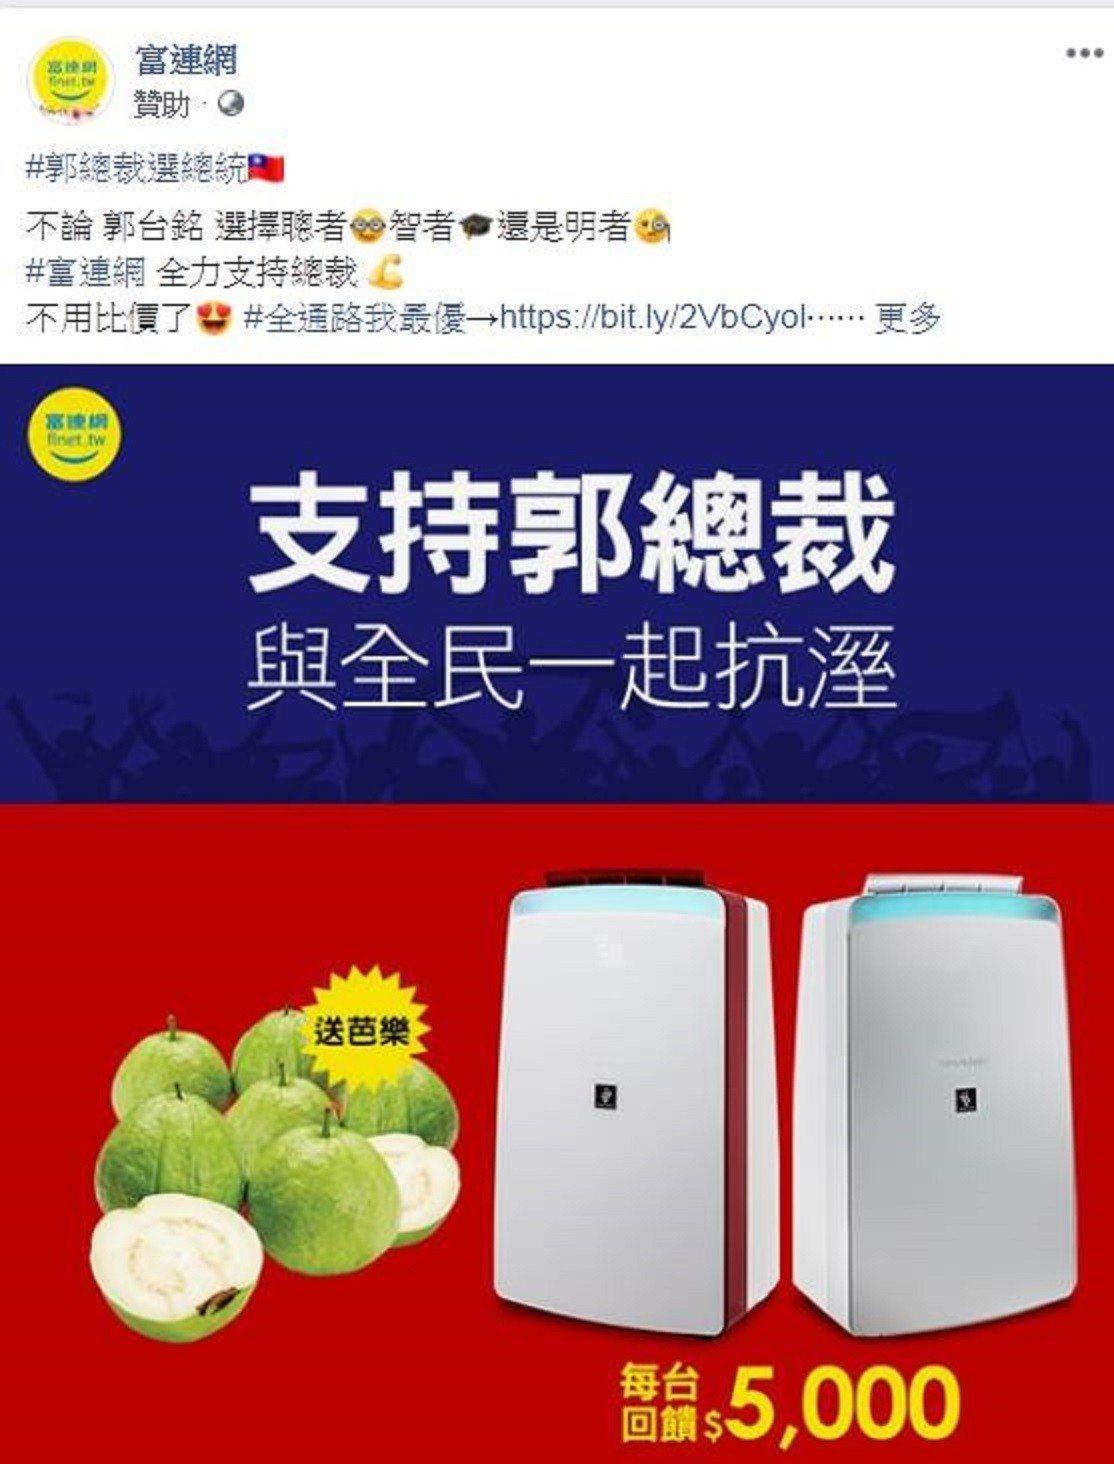 鴻海集團旗下電商子公司「富連網」臉書截圖